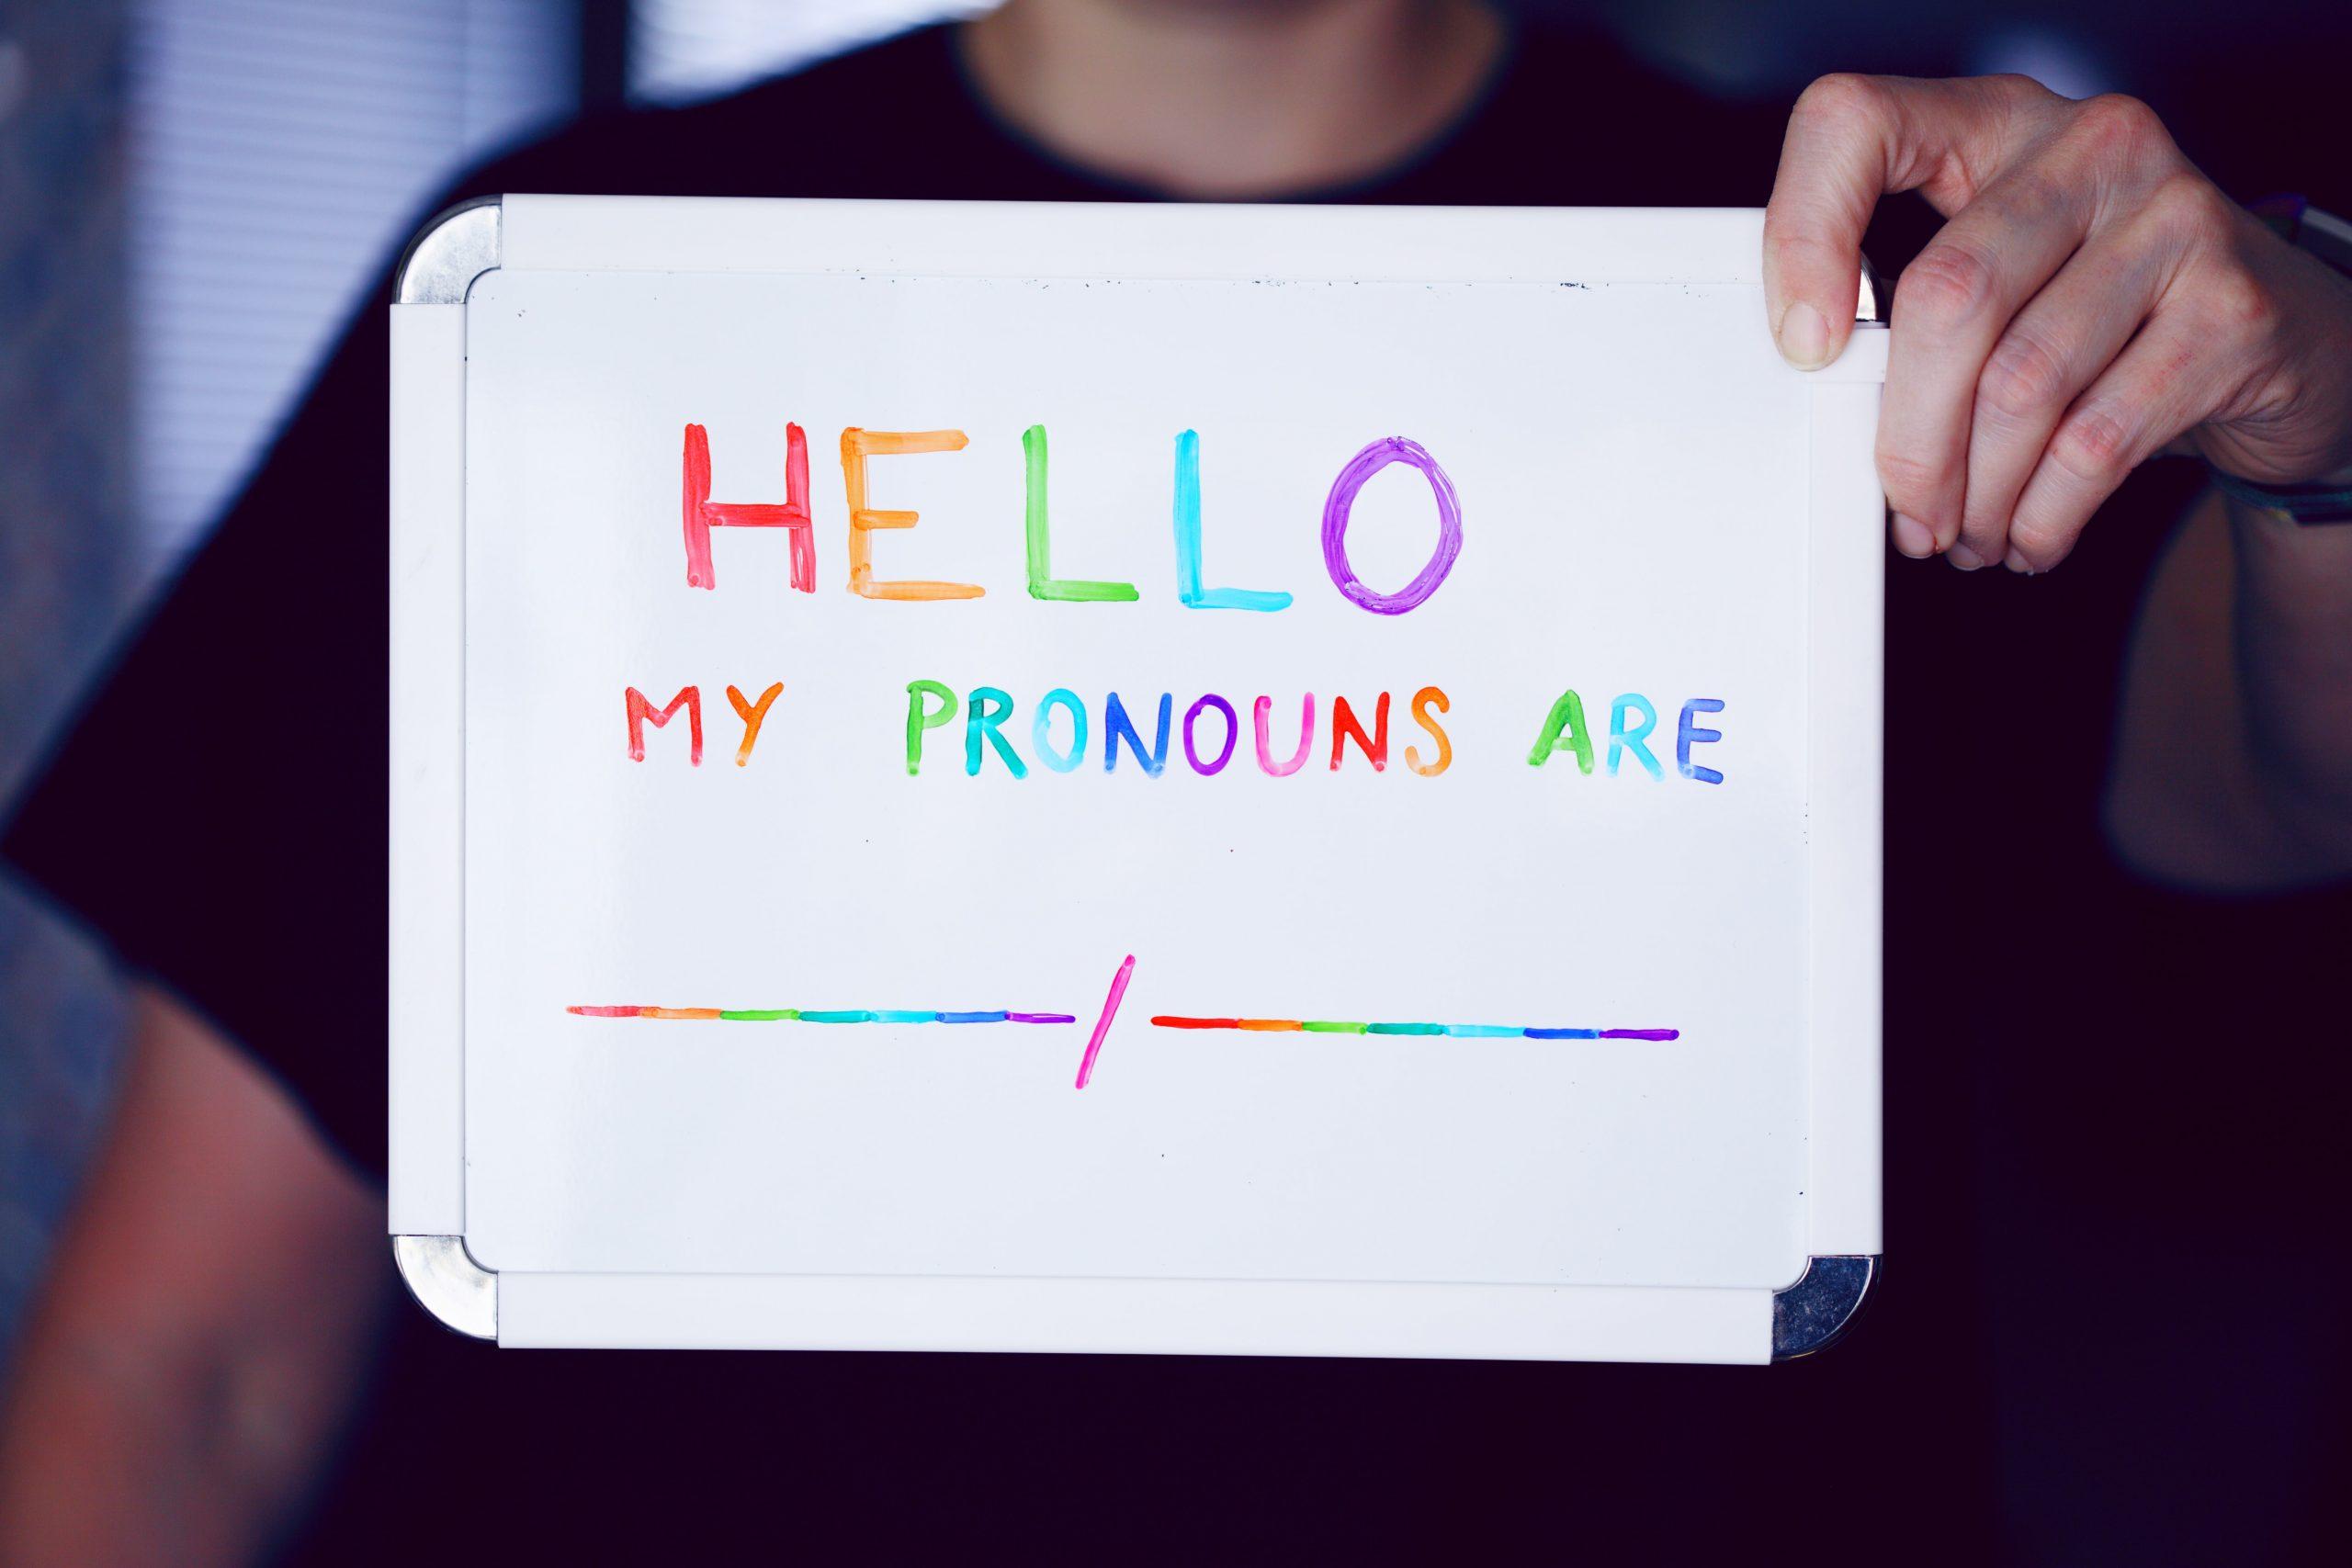 Zo spreek je transgender personen op de juiste manier aan.